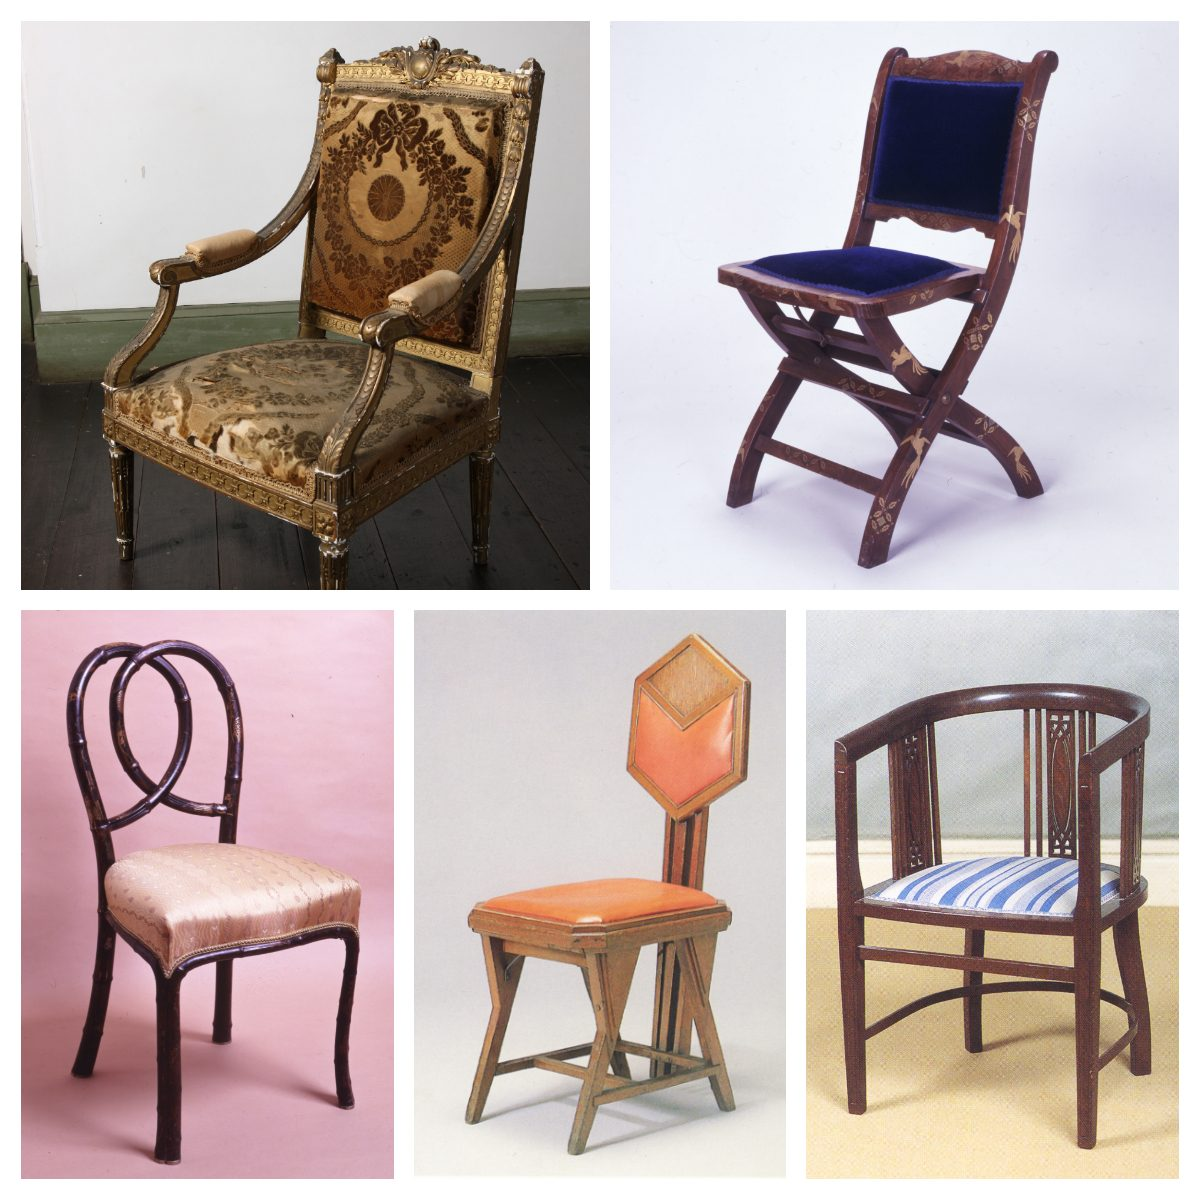 優れたデザインの裏に潜む歴史秘話も!華麗なる椅子コレクション